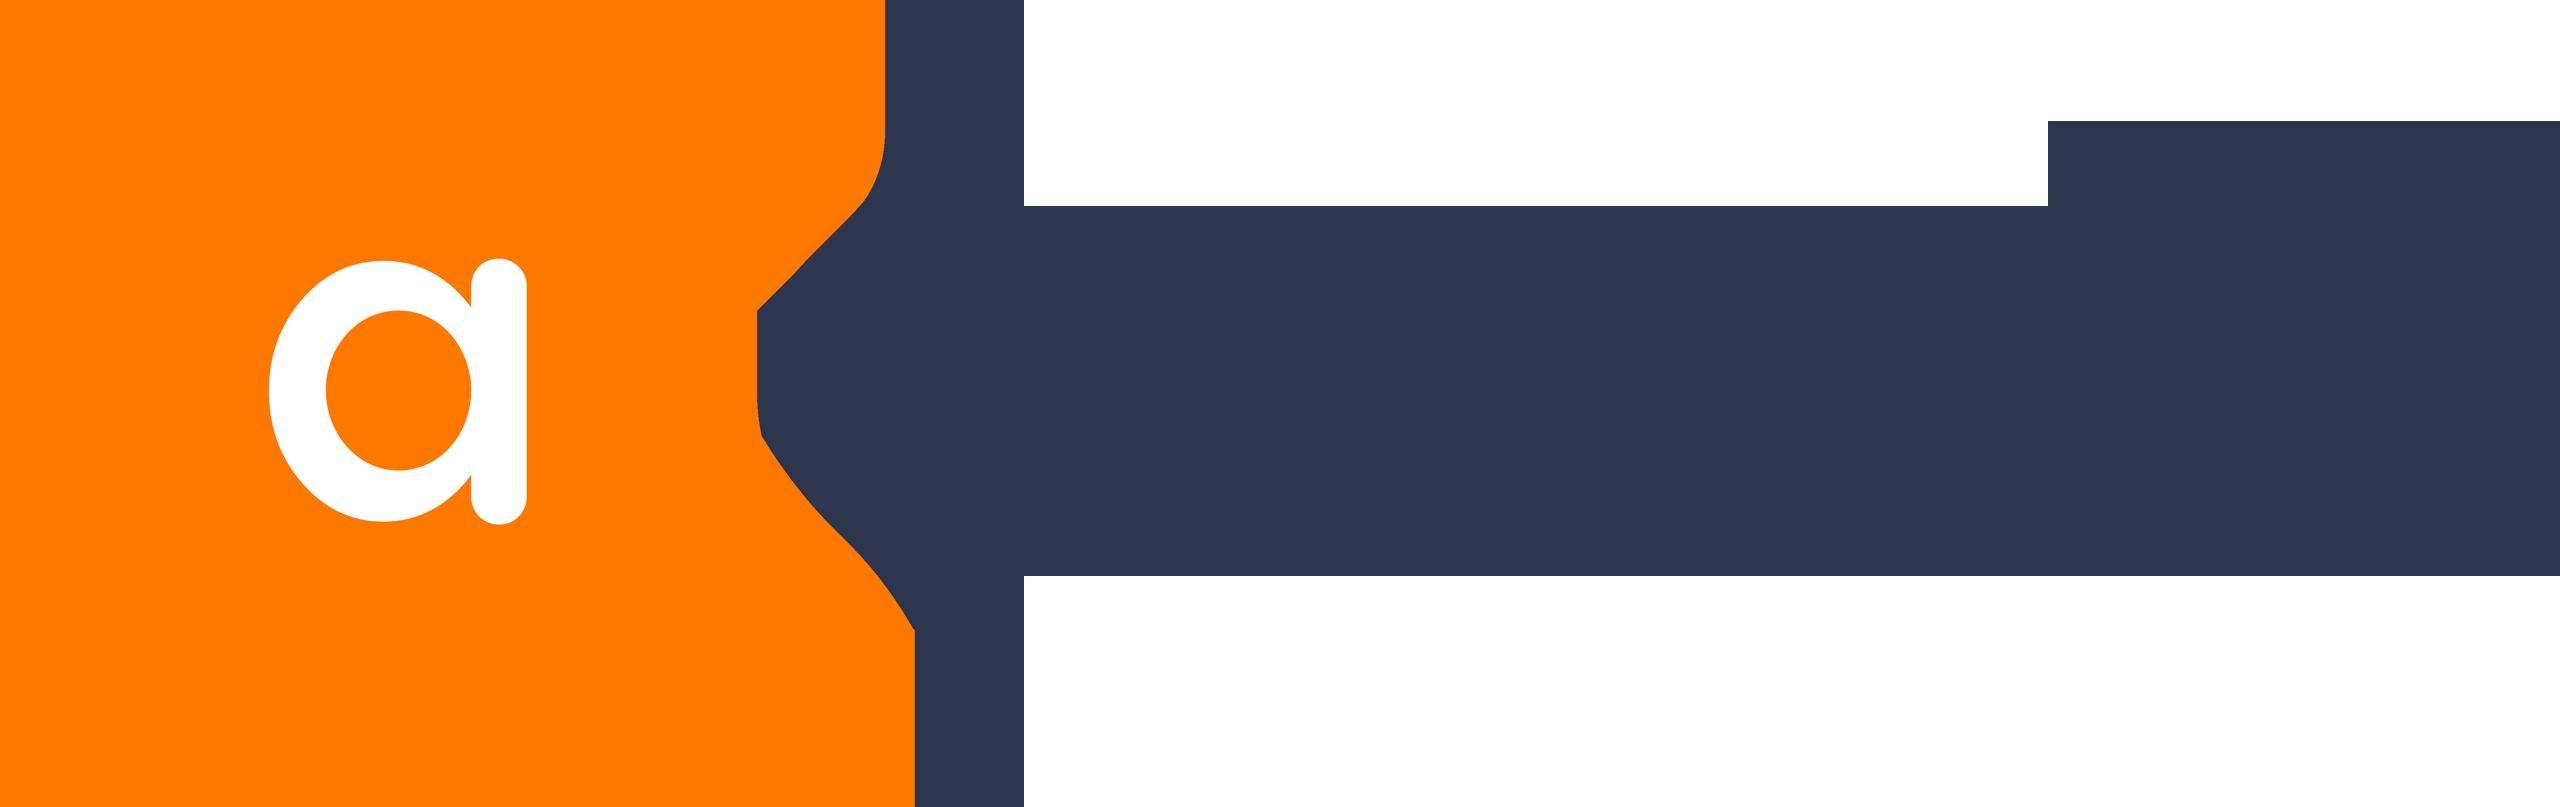 Avast Logo Wallpaper